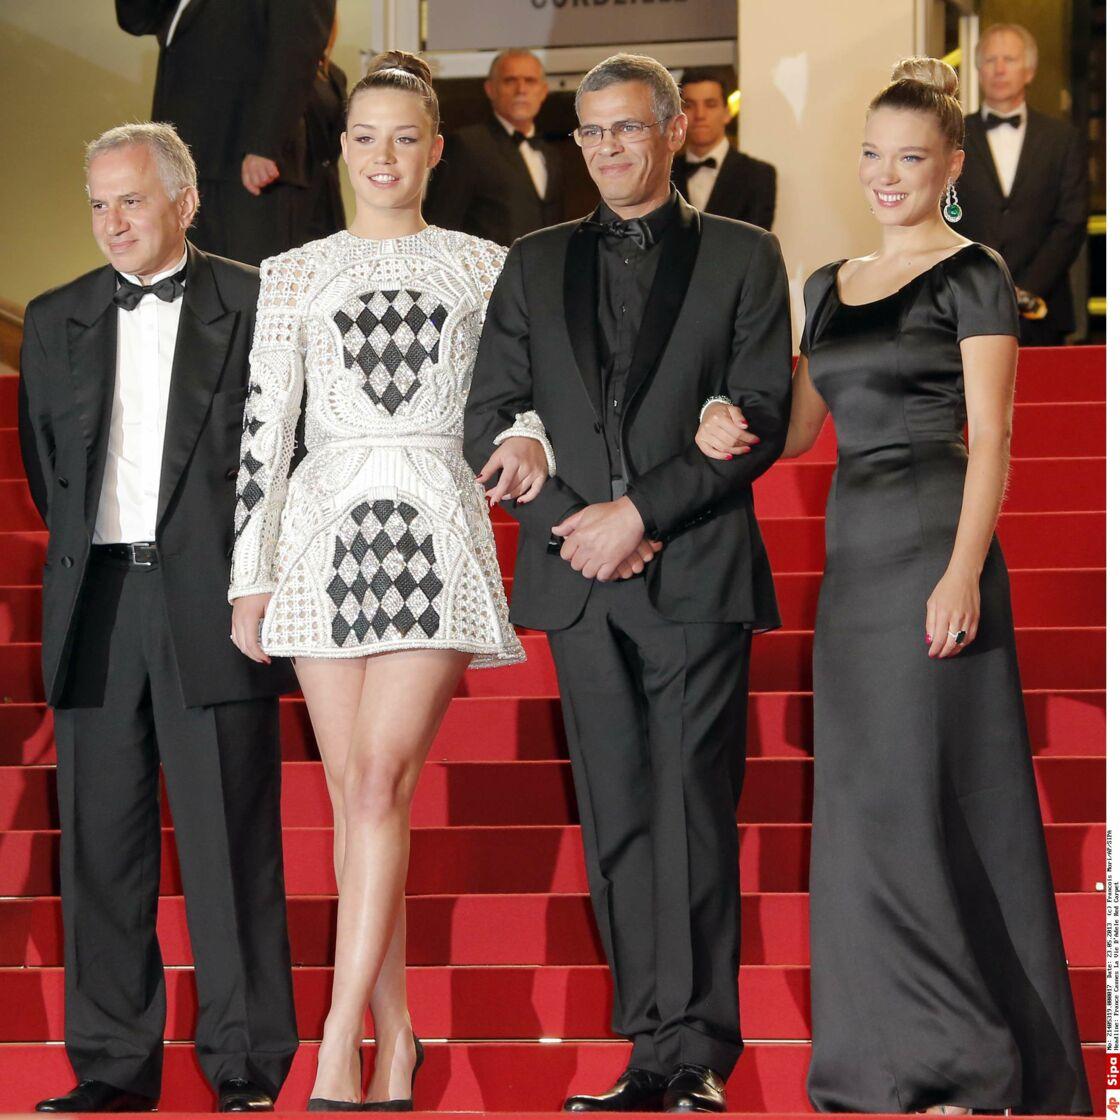 Après la sortie du film, Adèle Exarchopoulos et Léa Seydoux ont dénoncé les mauvaises conditions du tournage, rythmé par les crises de larmes et les coups de gueule. Alors, les sourires au moment du Festival de Cannes étaient-ils de façade ?